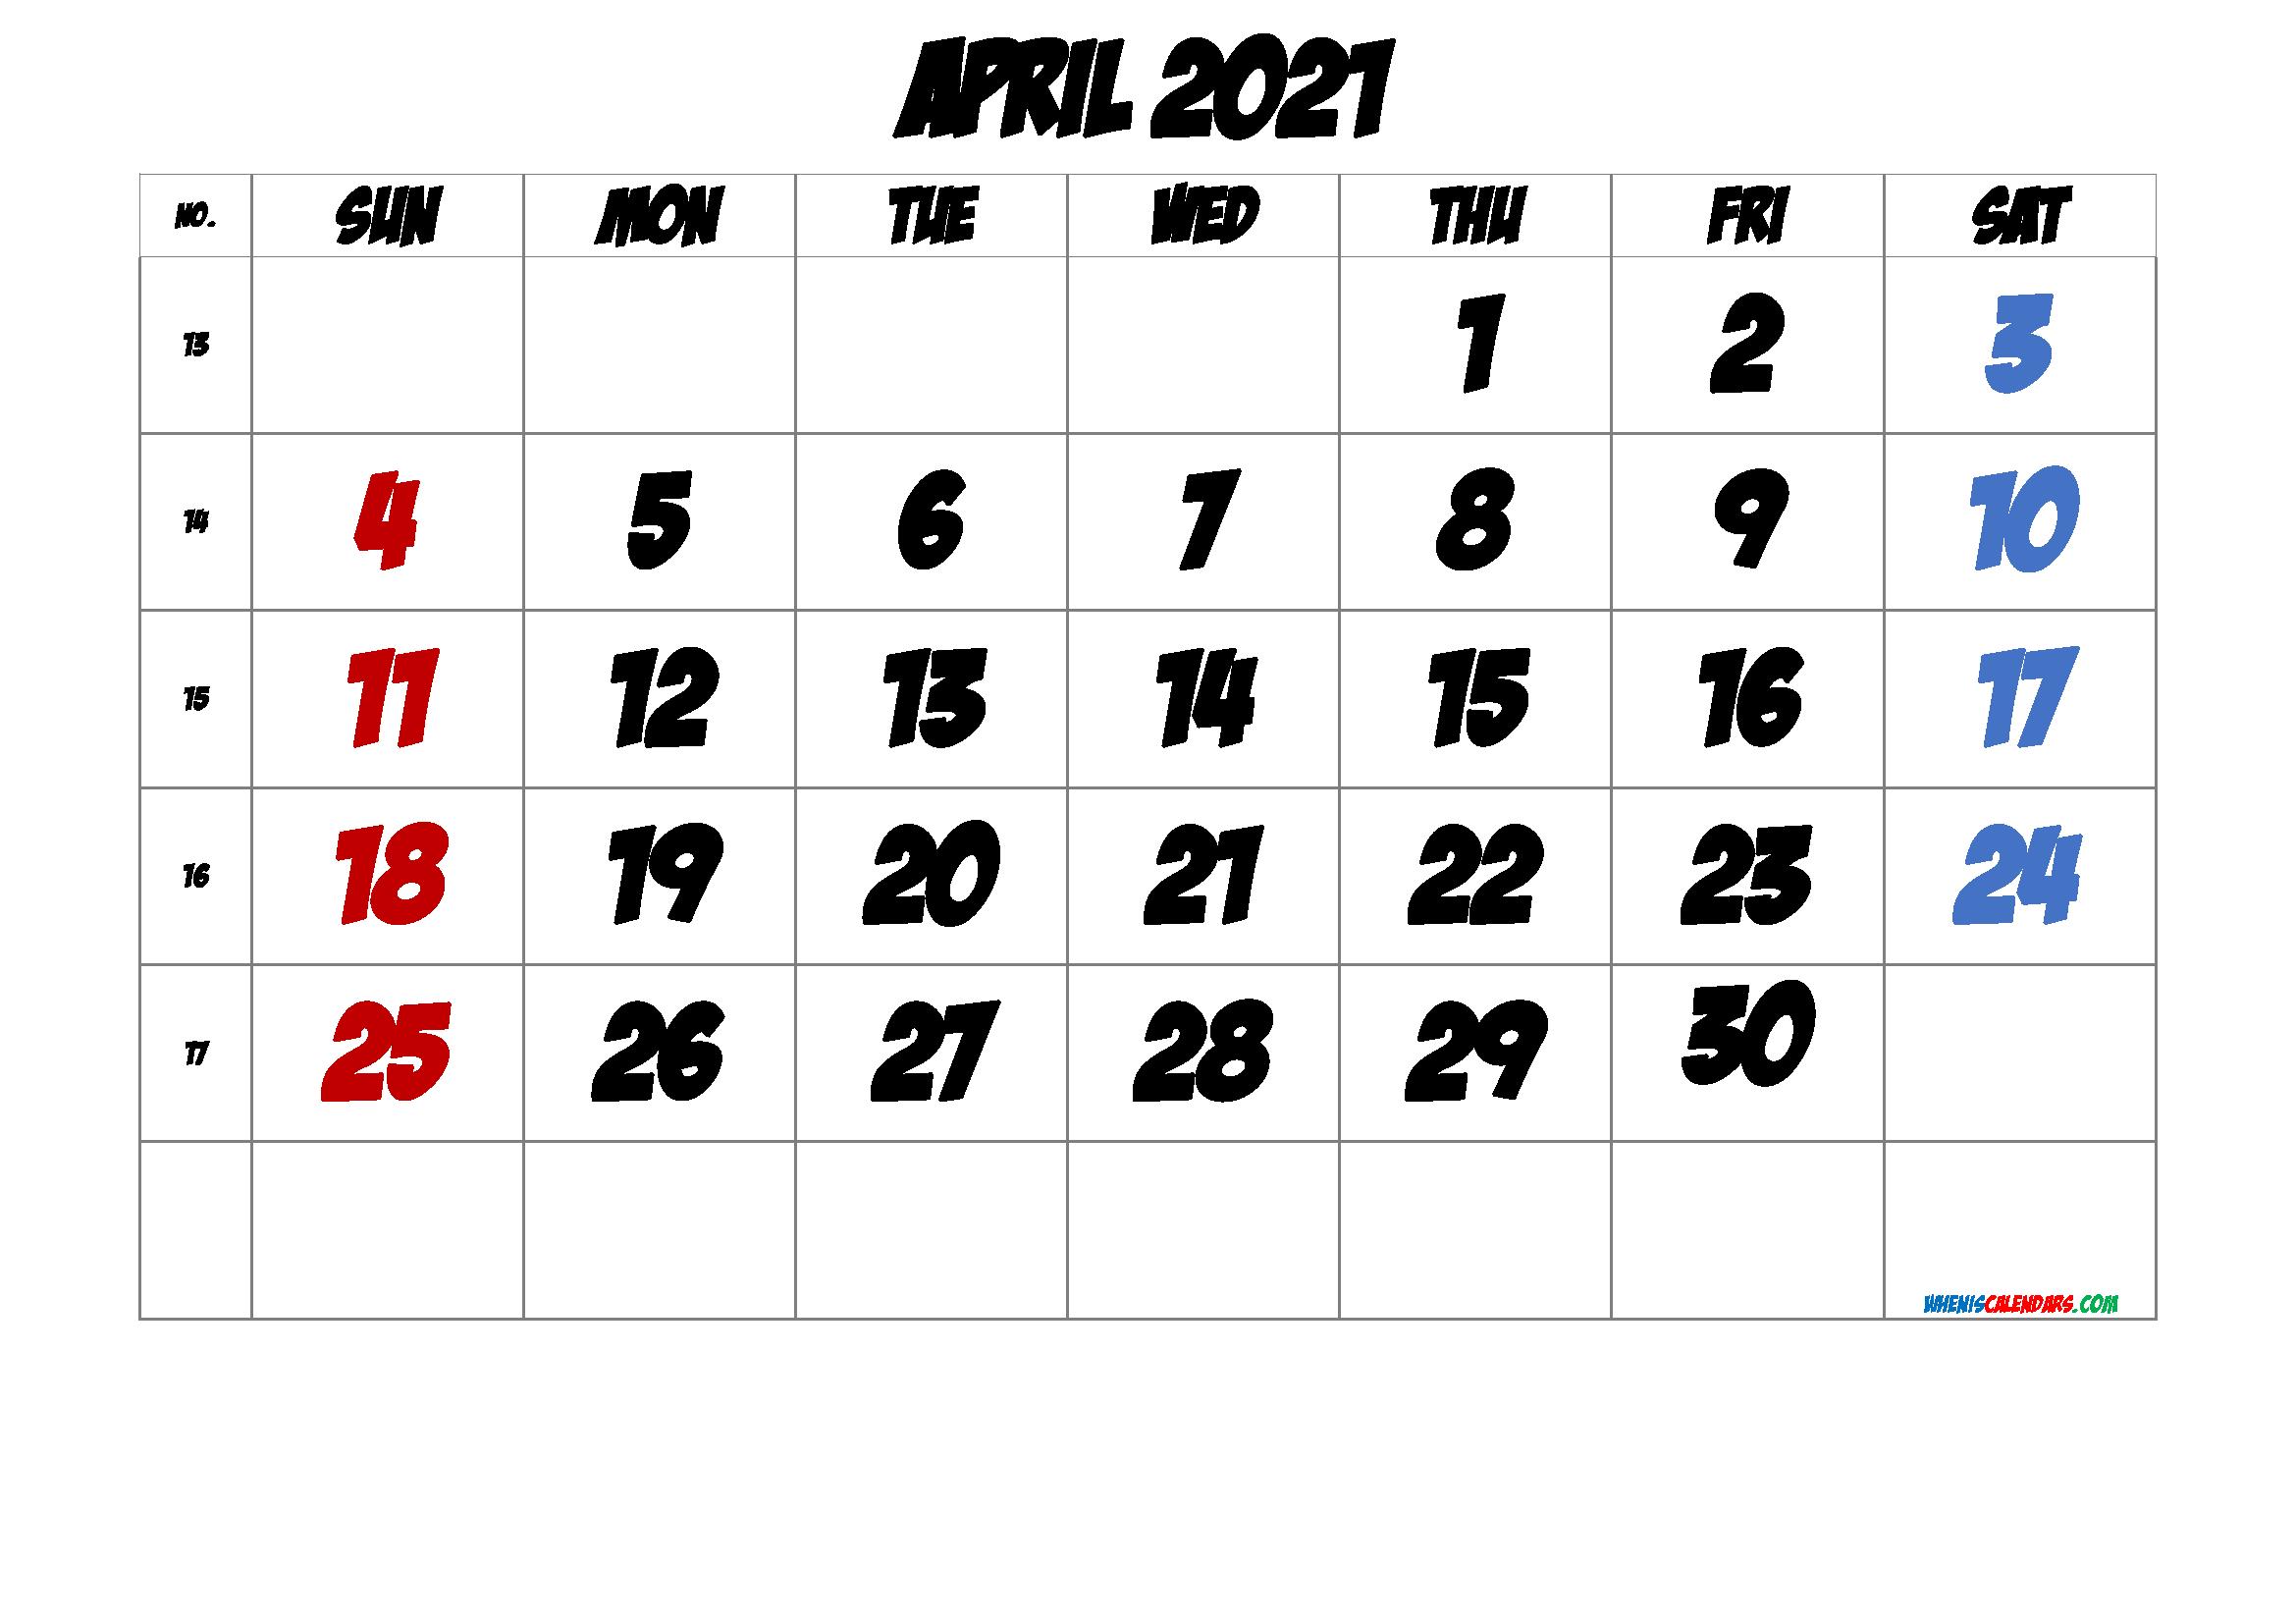 Free April 2021 Calendar with Week Numbers